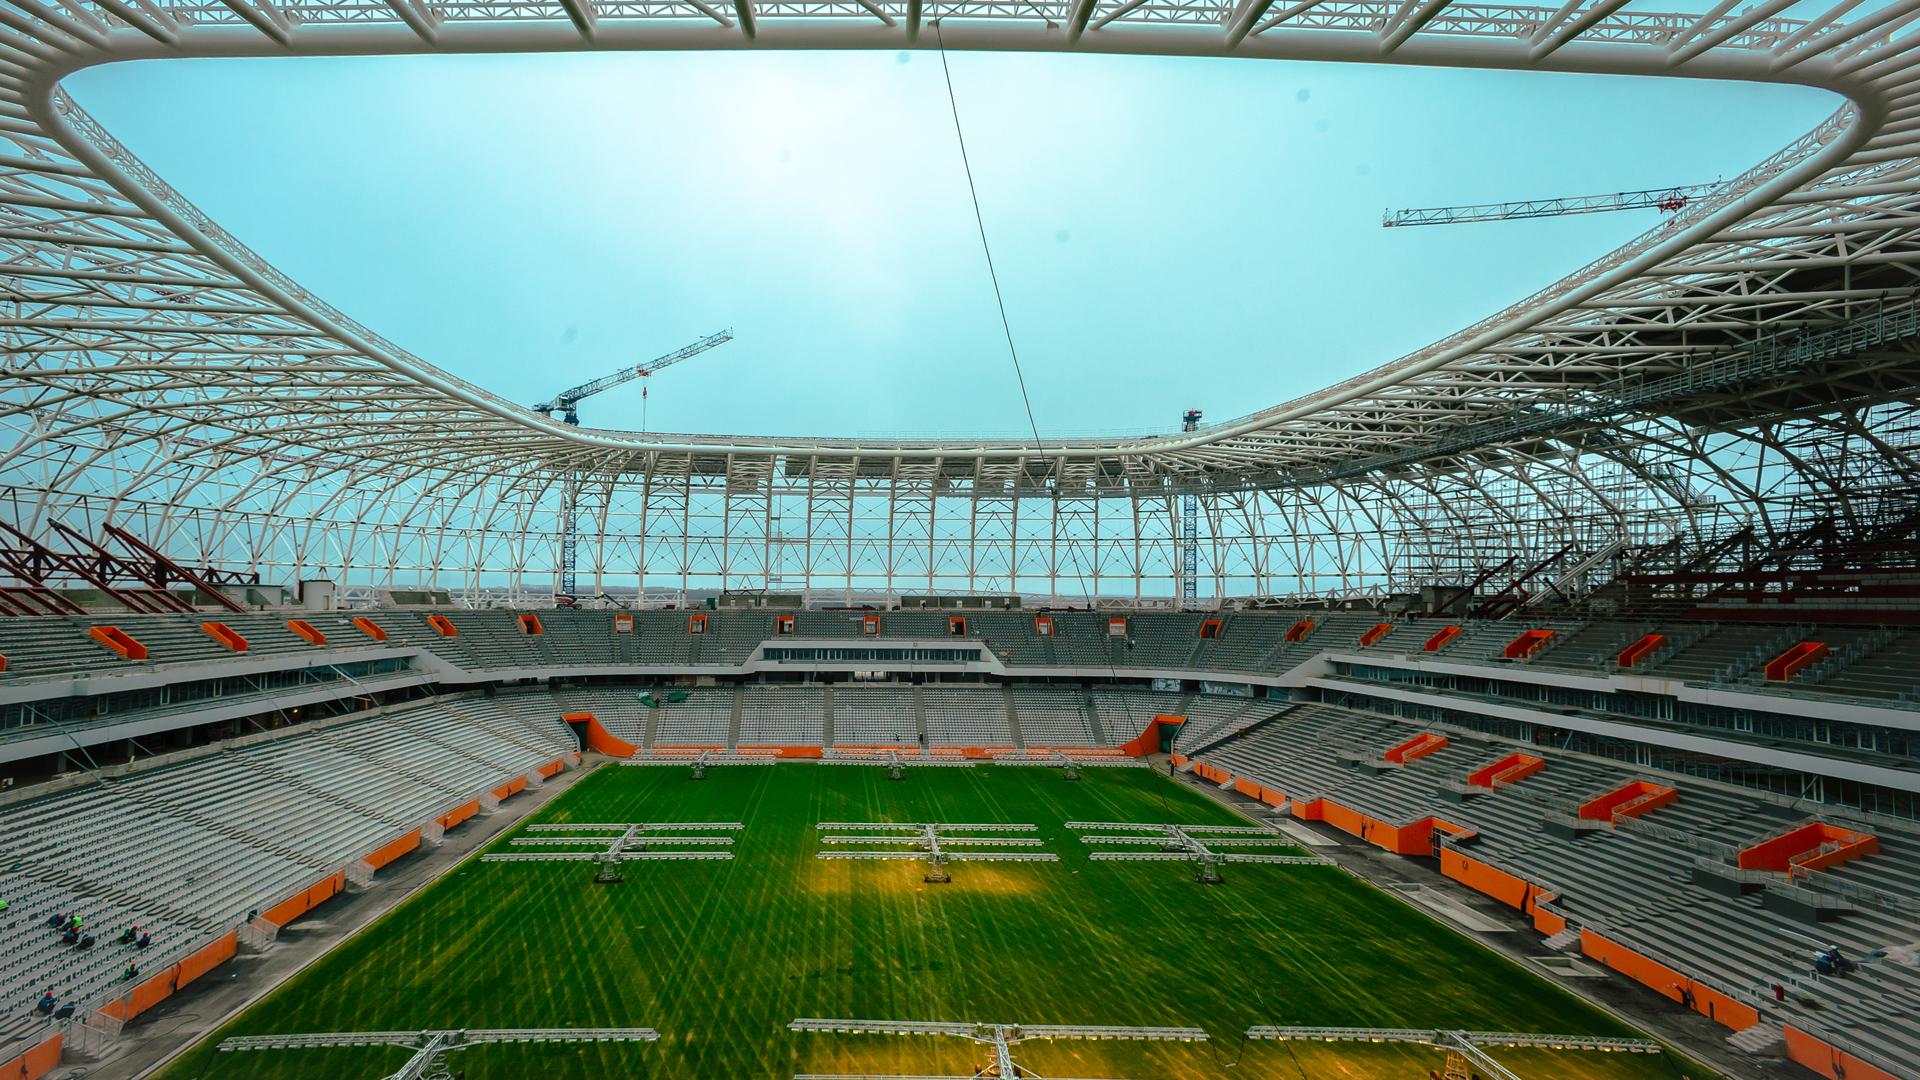 Stadion Russland Wm